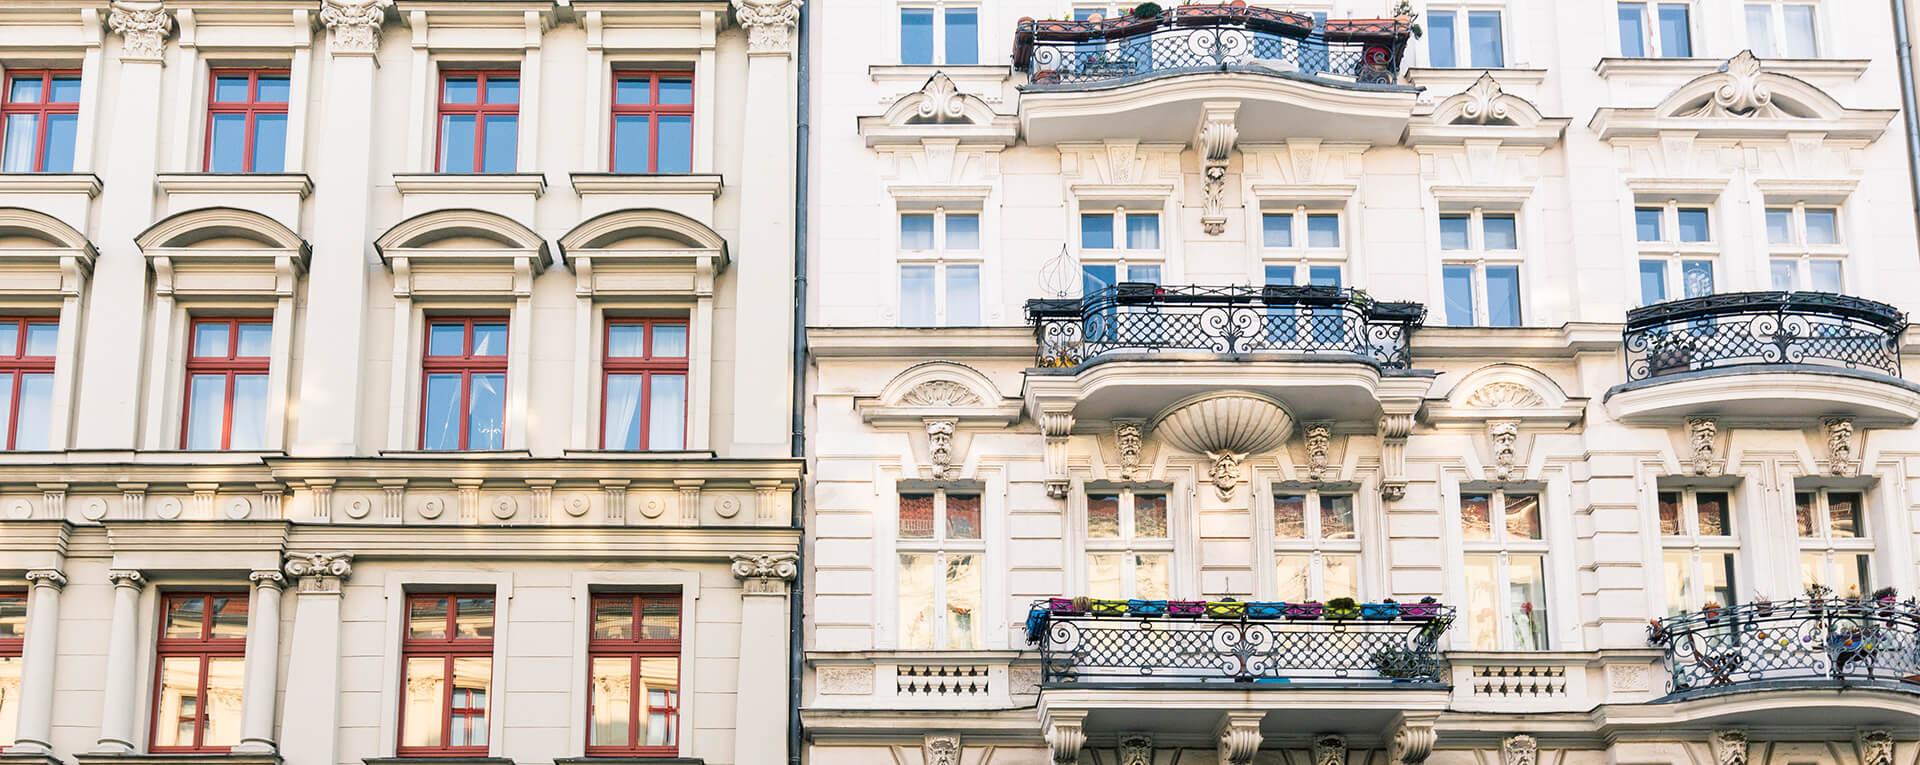 HWG-Verwaltung altes Mehrfamilienhaus